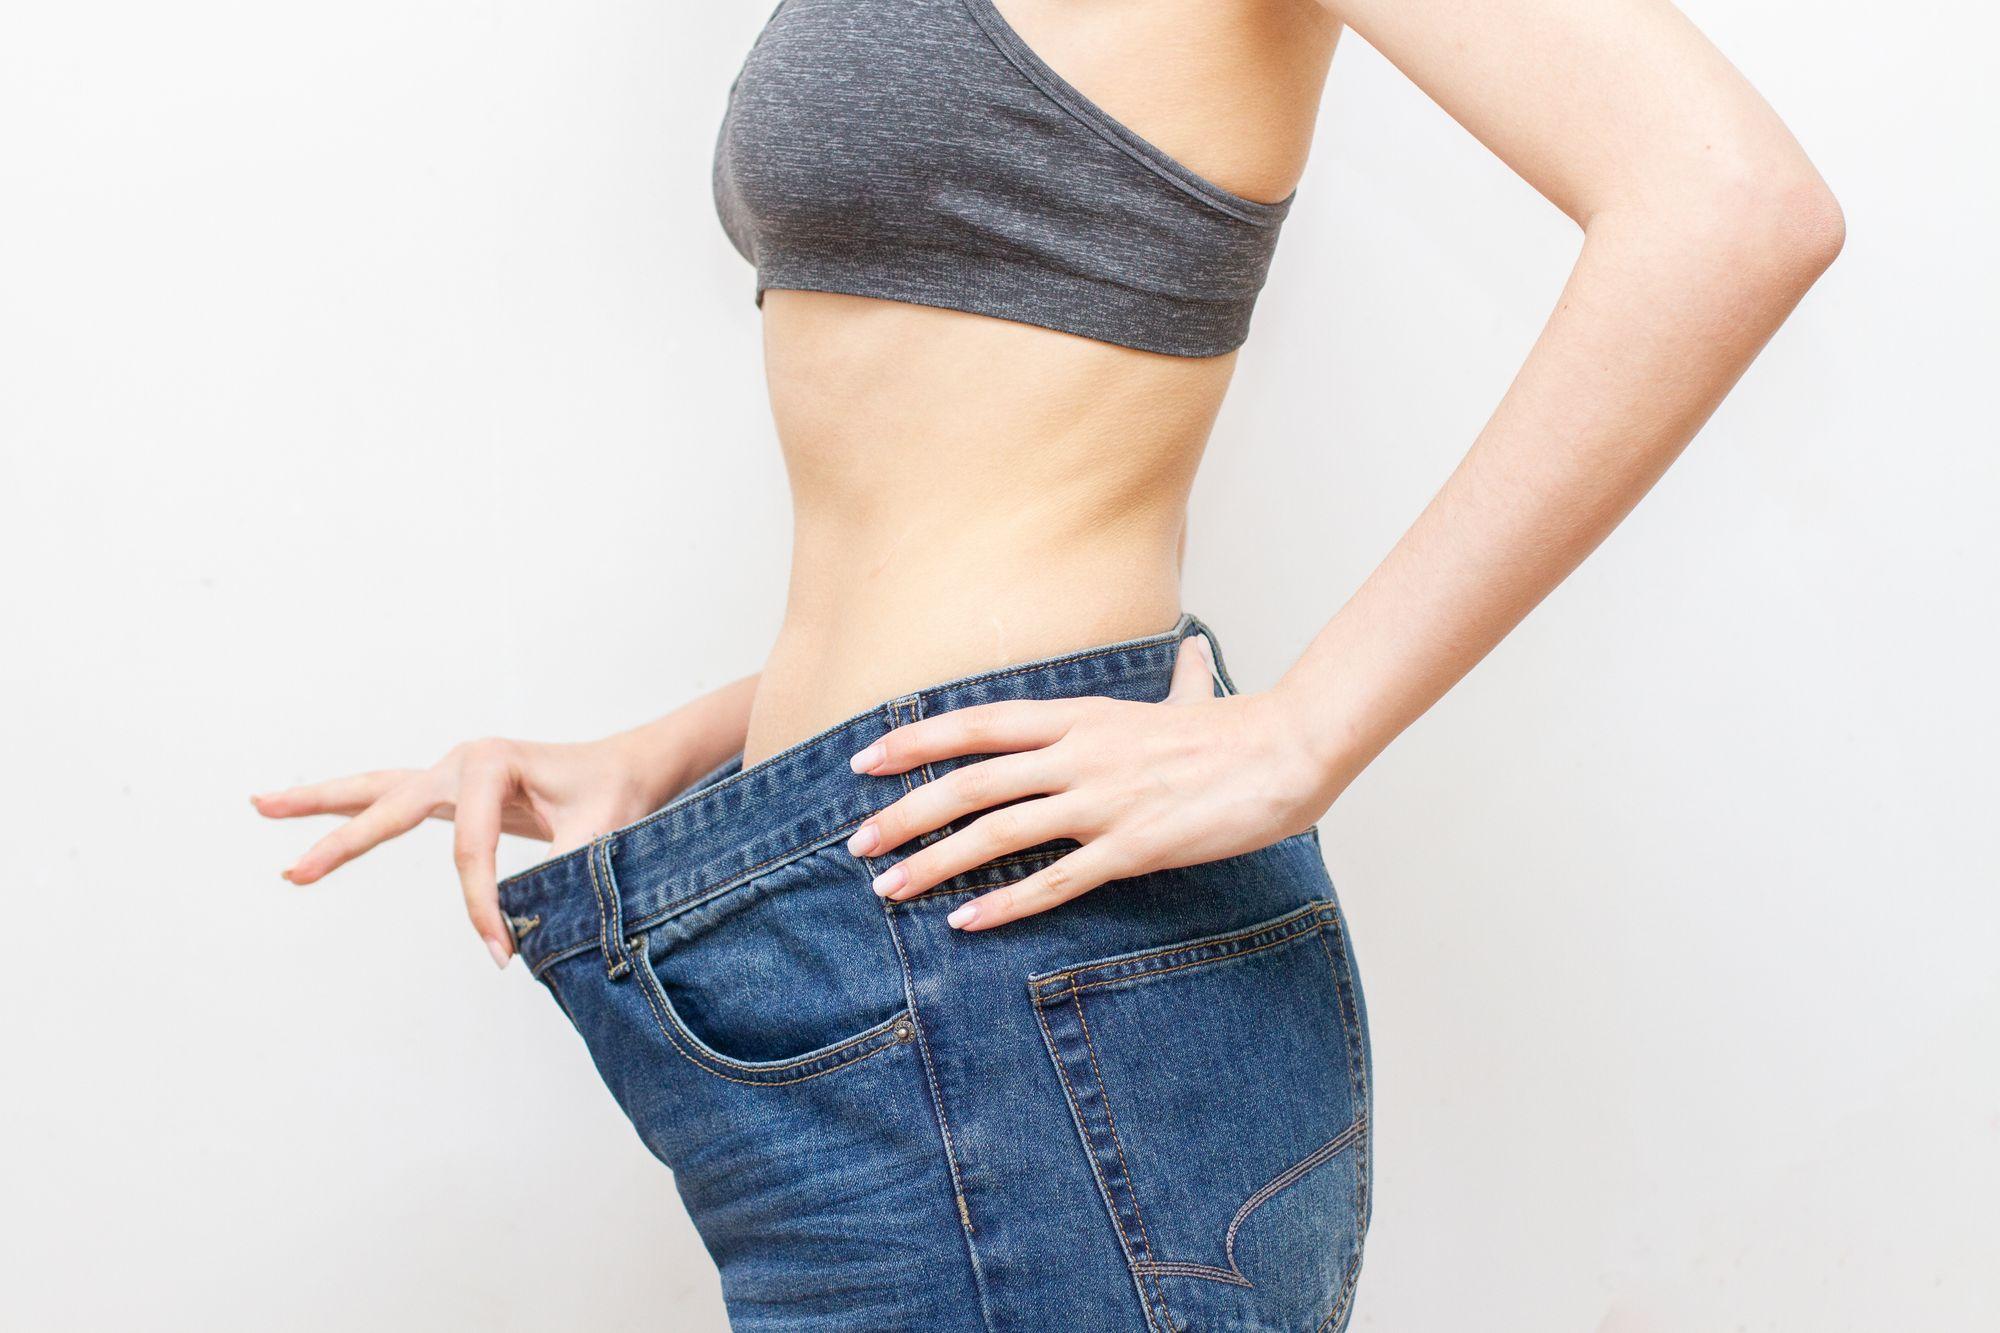 Mulher com calça grande após perder peso. (Reprodução/Freepik)